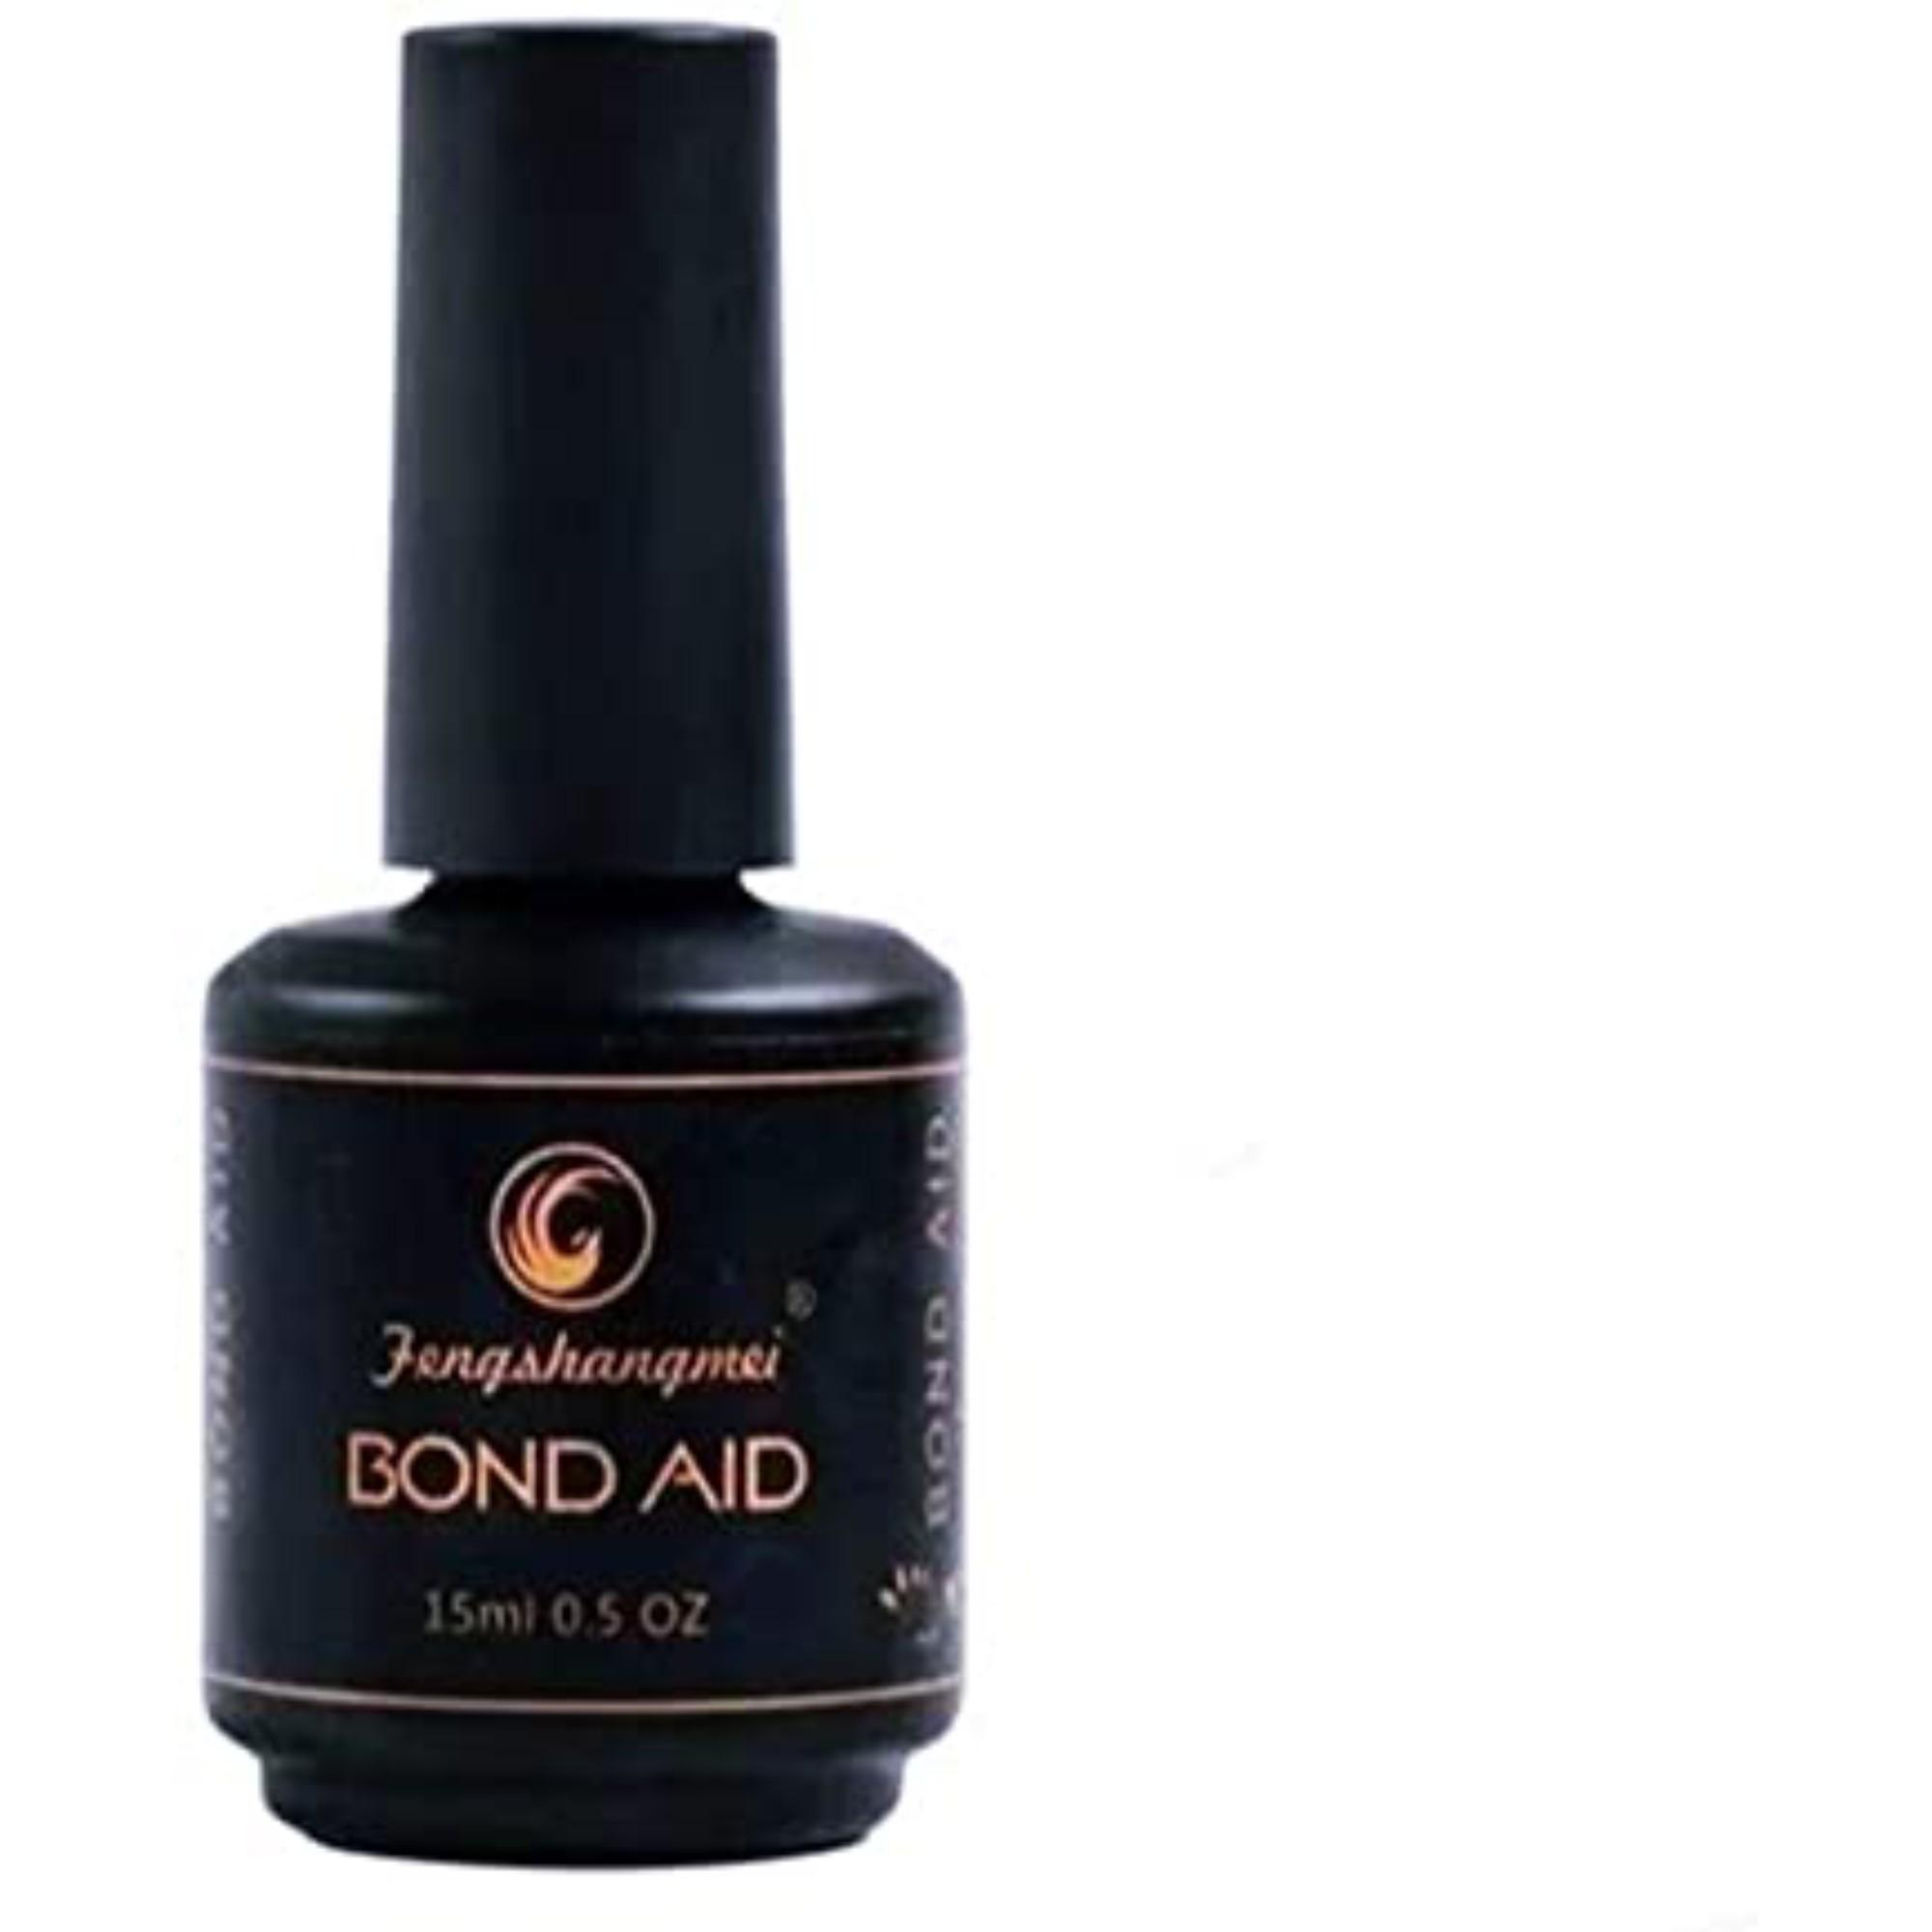 Desidratador De Unhas Bond Aid Fengshangmei  15ml